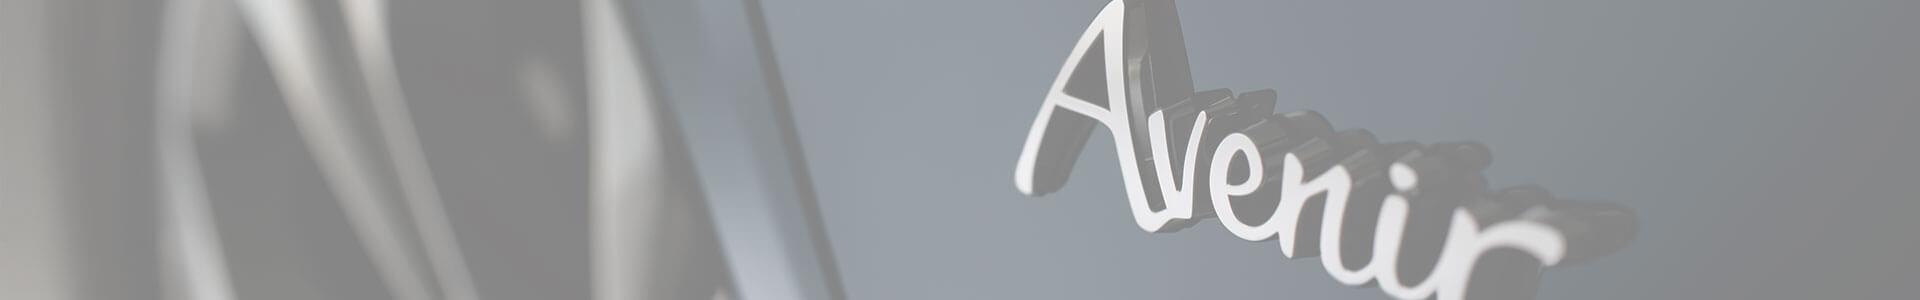 Avenir Detail package